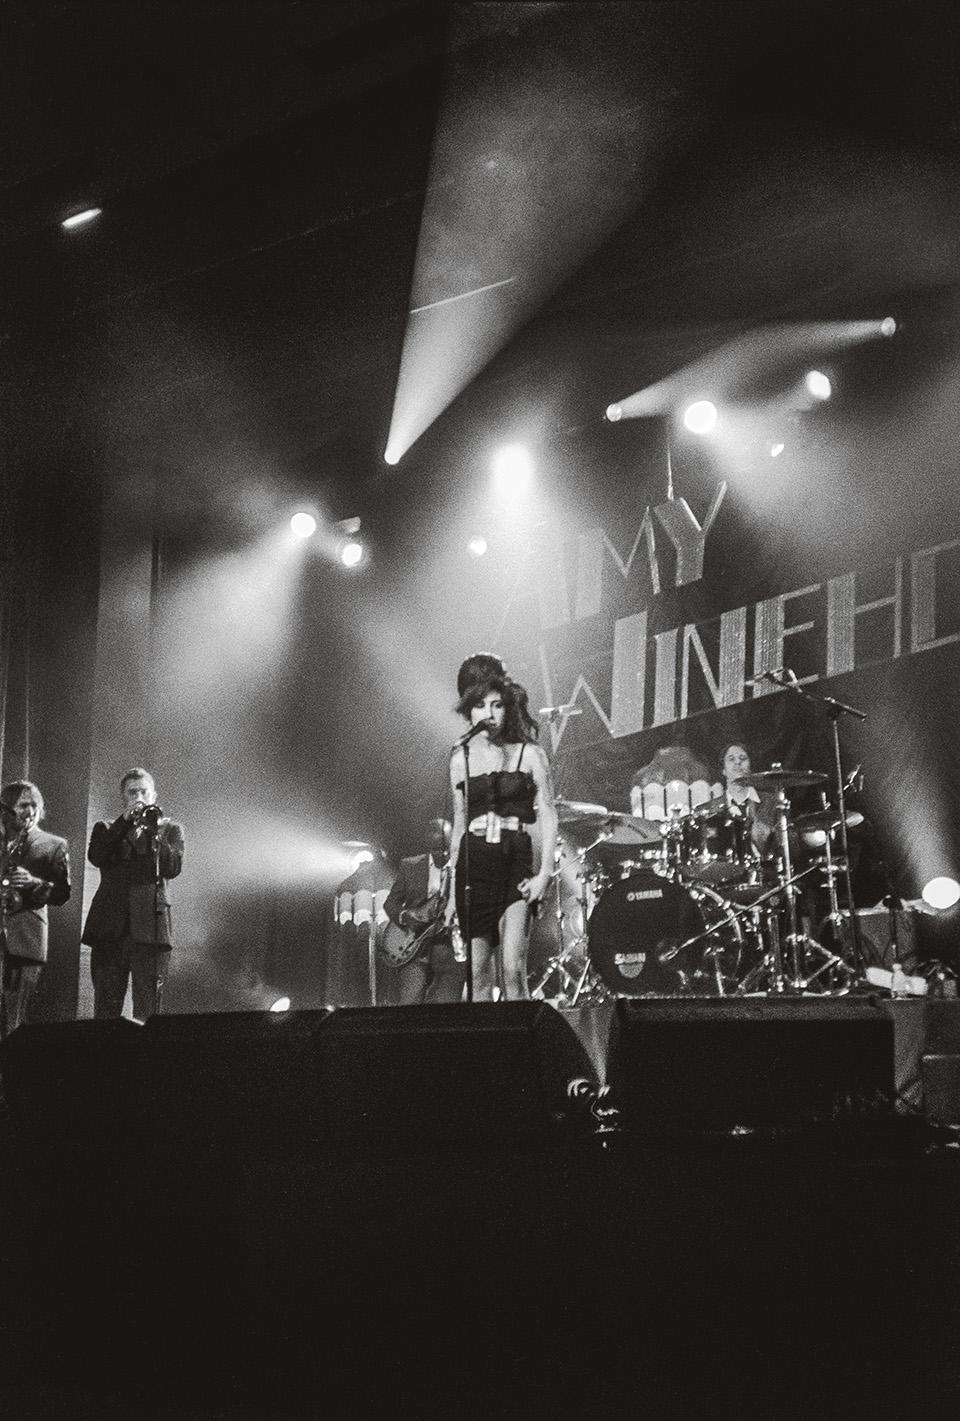 Amy Winehouse steht auf einer Bühne vor einem Mikrofon. Sie trägt ein schwarzes Minikleid. Hinter ihr ist ein riesiges Schlagzeug zu erkennen.